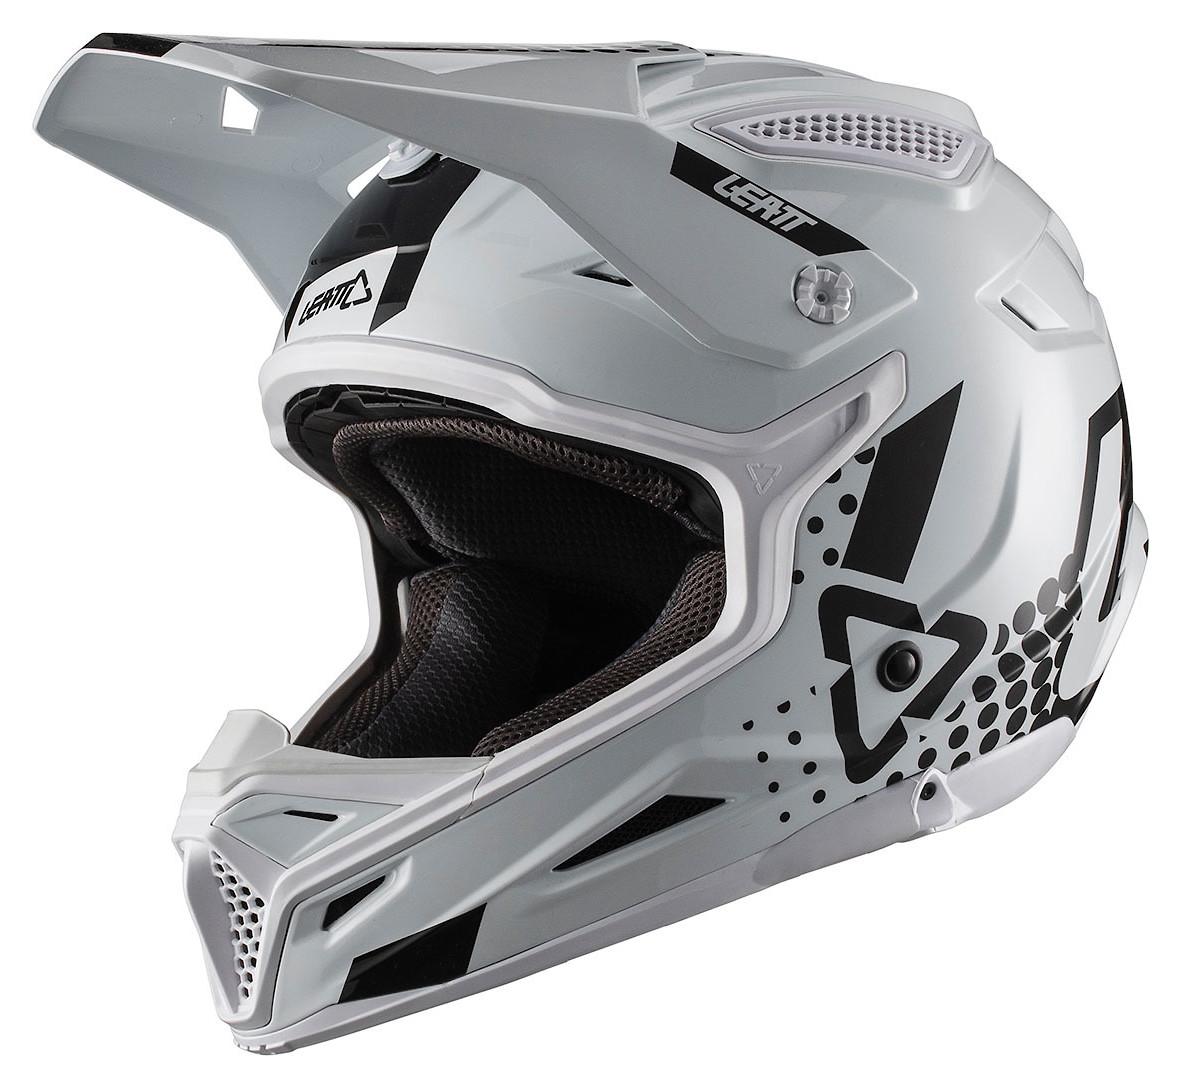 gpx_helmet_45__0002_Leatt_Helmet_GPX4.5_V20.2_frontSide_1020001130